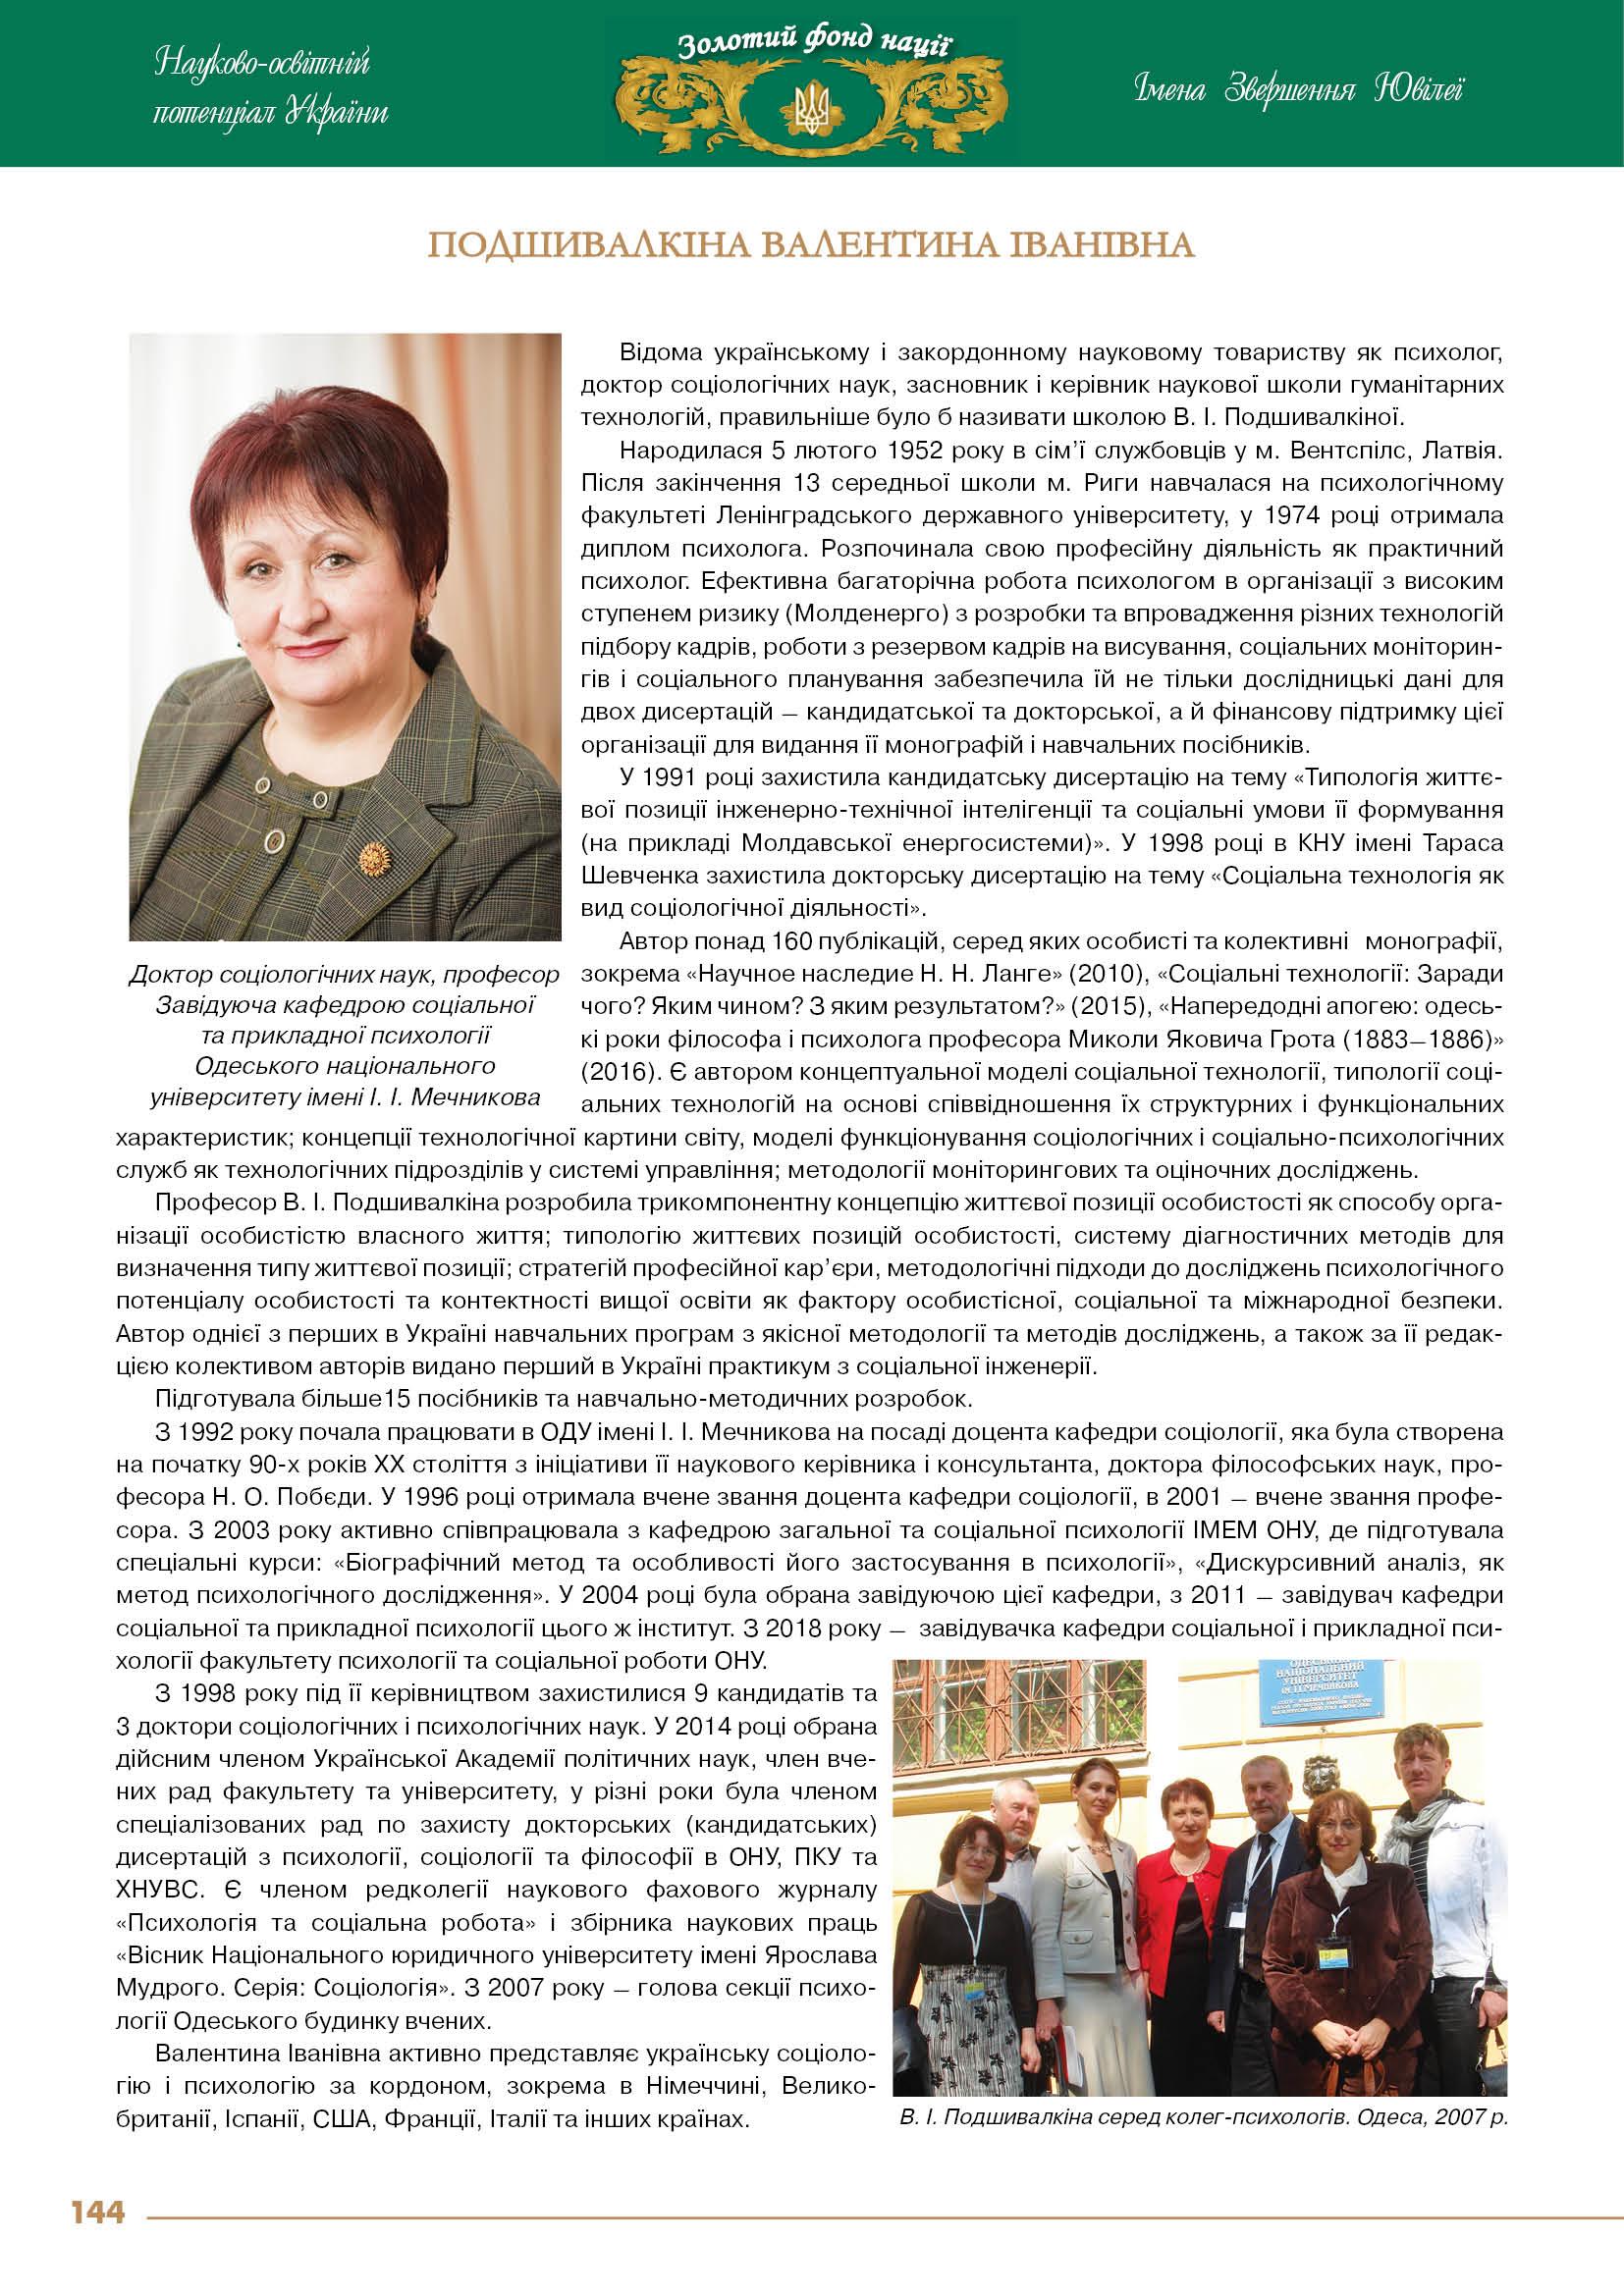 Подшивалкіна Валентина Іванівна